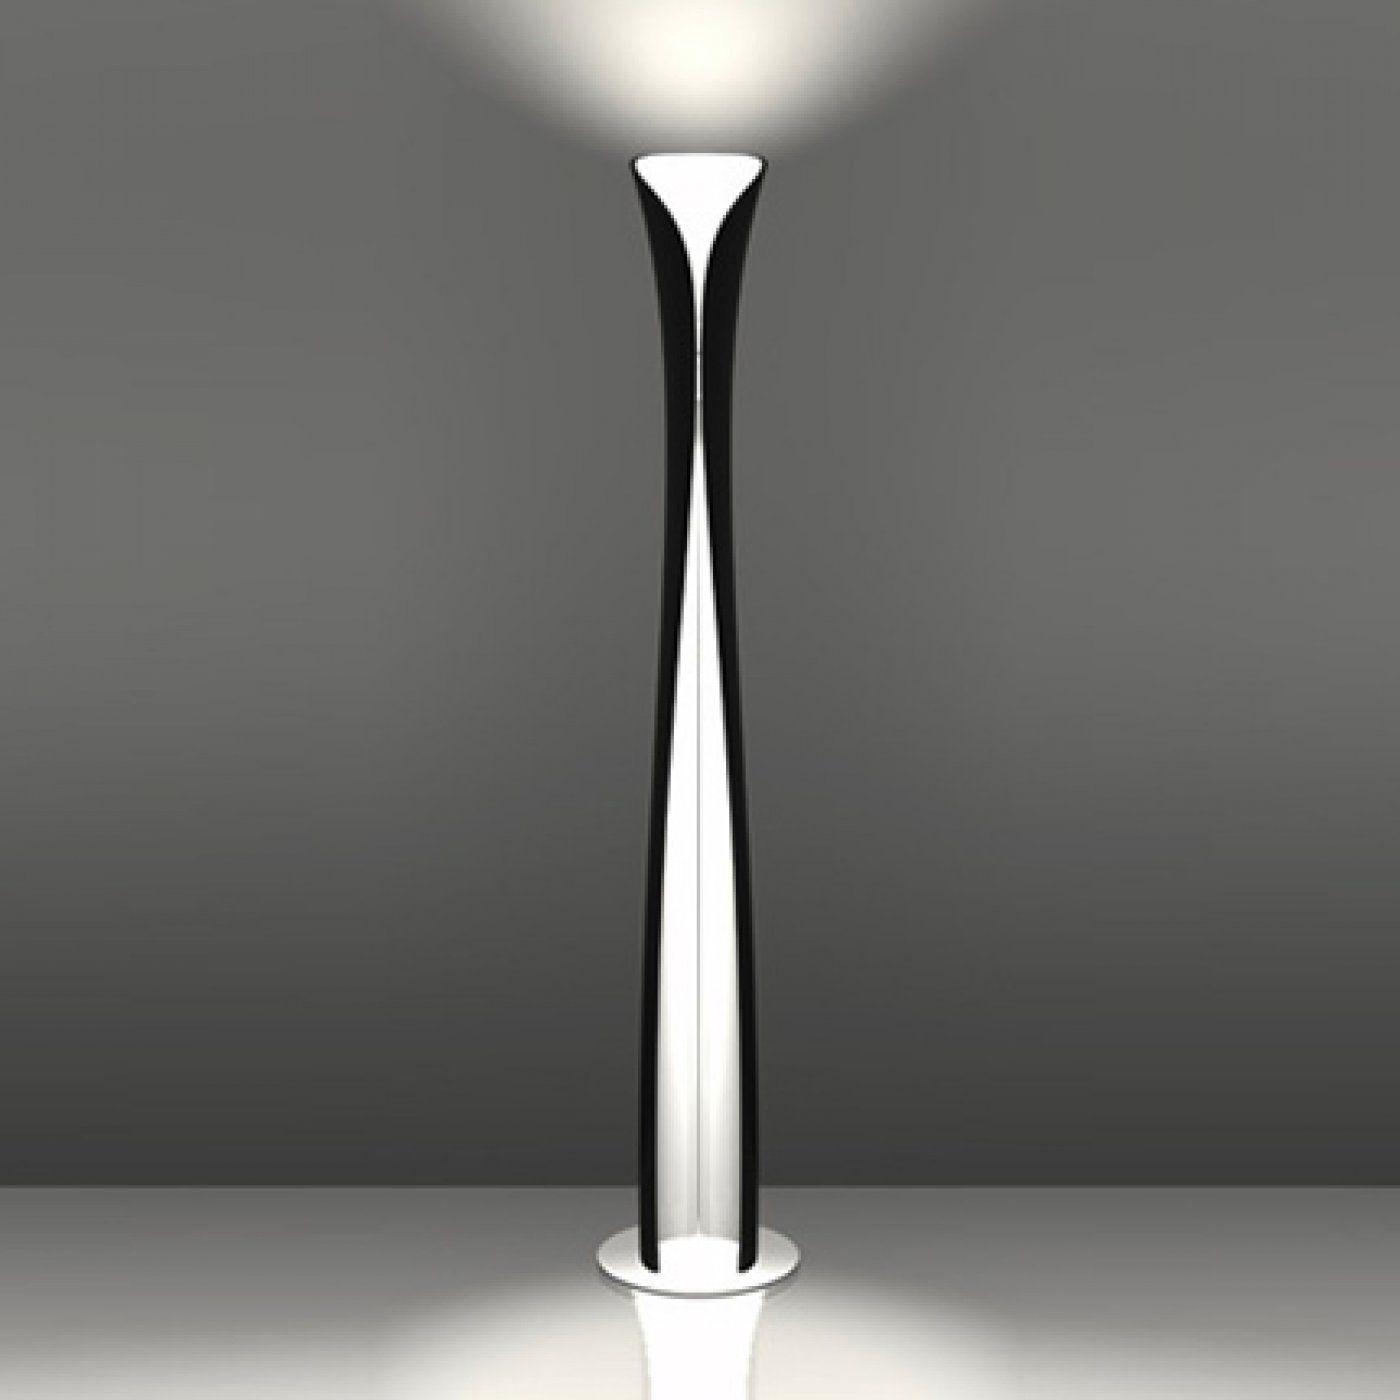 lampadaire cadmo d 39 artemide lampadaires et d co. Black Bedroom Furniture Sets. Home Design Ideas